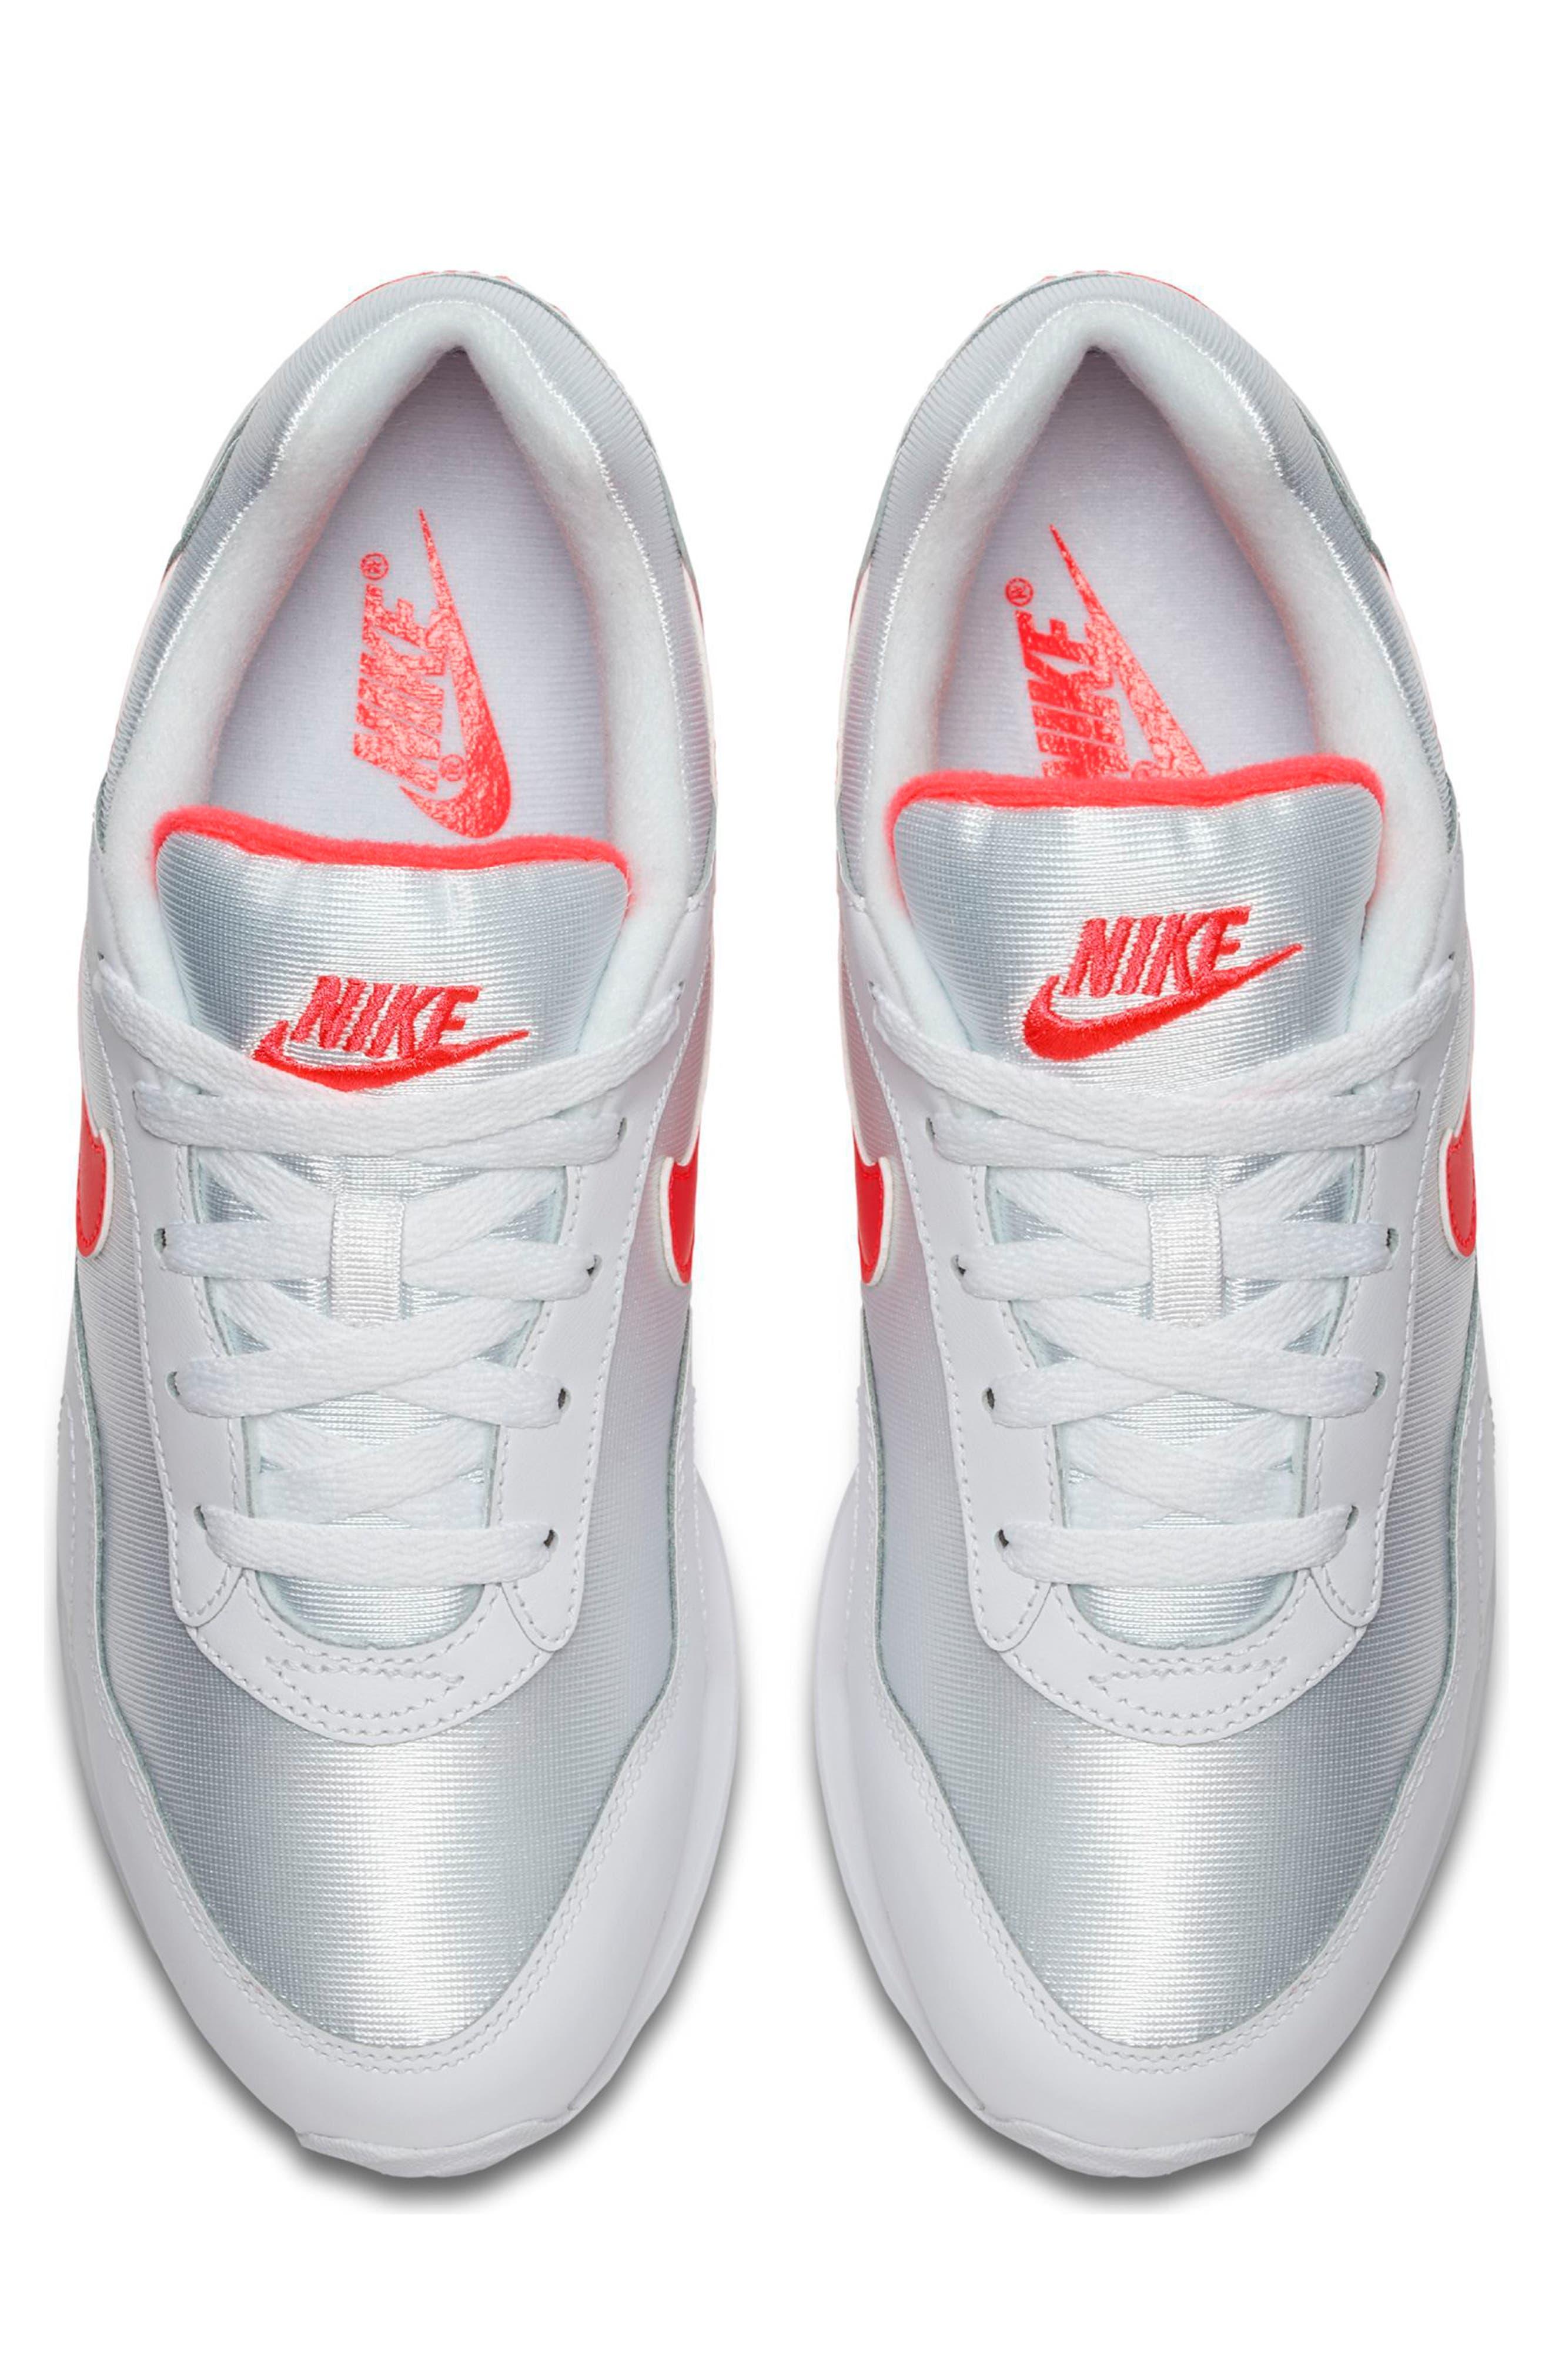 Outburst OG Sneaker,                             Alternate thumbnail 4, color,                             101